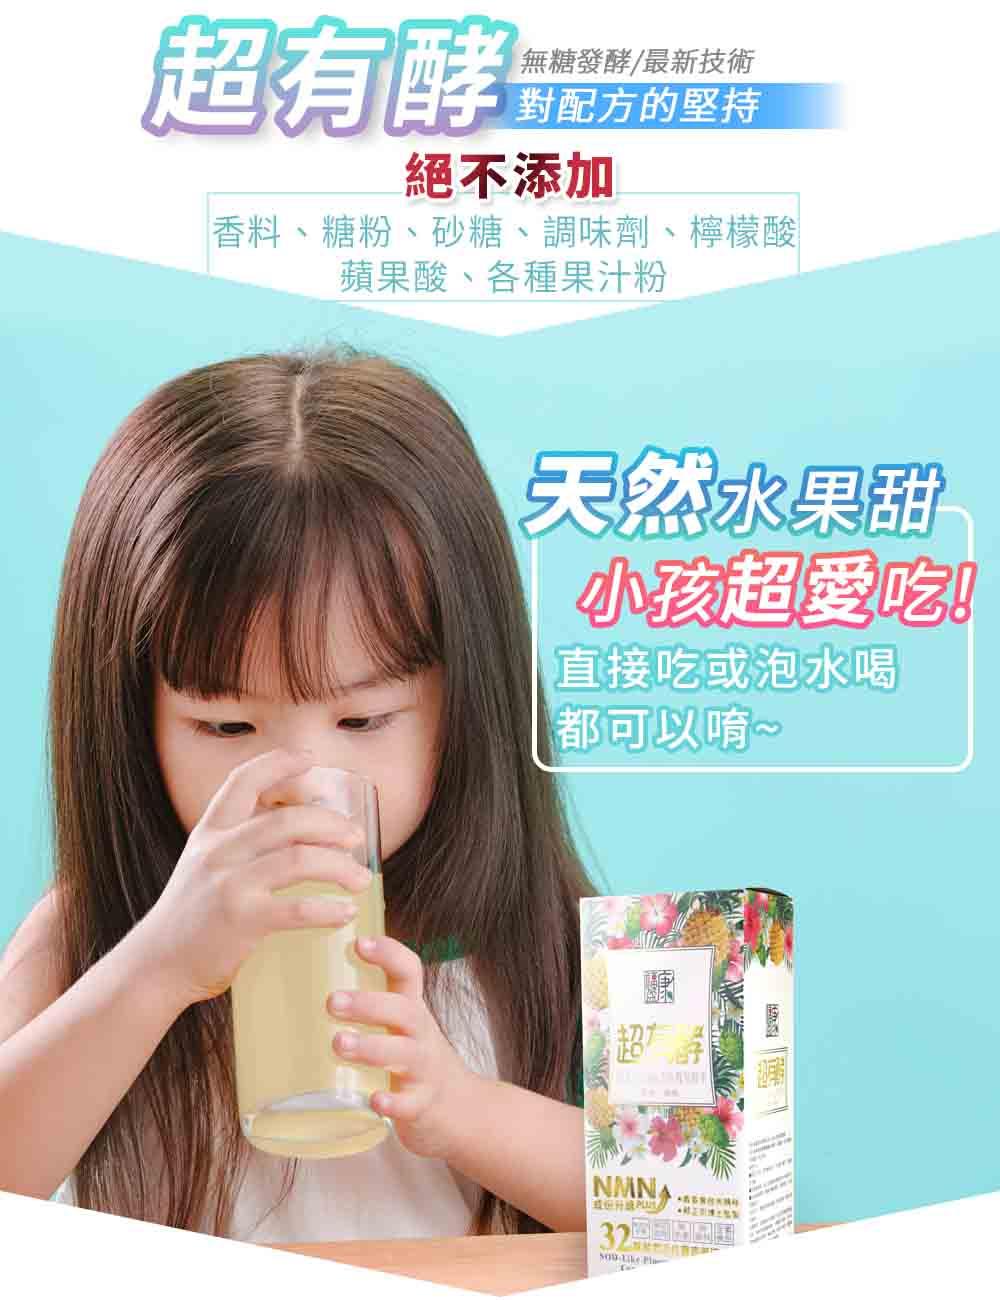 10-小孩愛吃天然甜